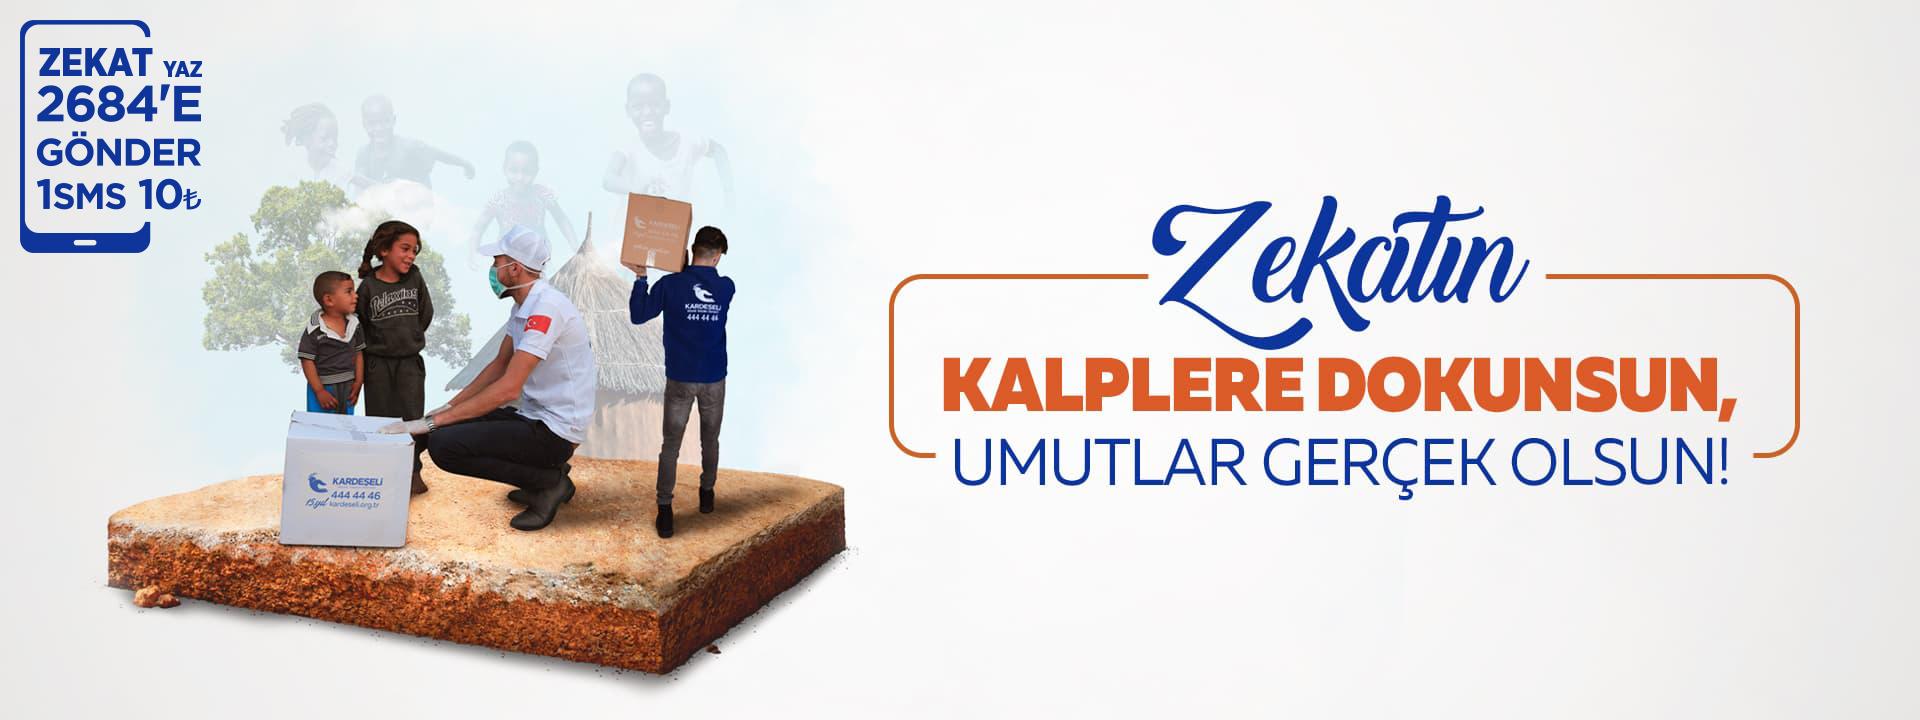 ZEKAT-MASAÜSTÜ.jpg